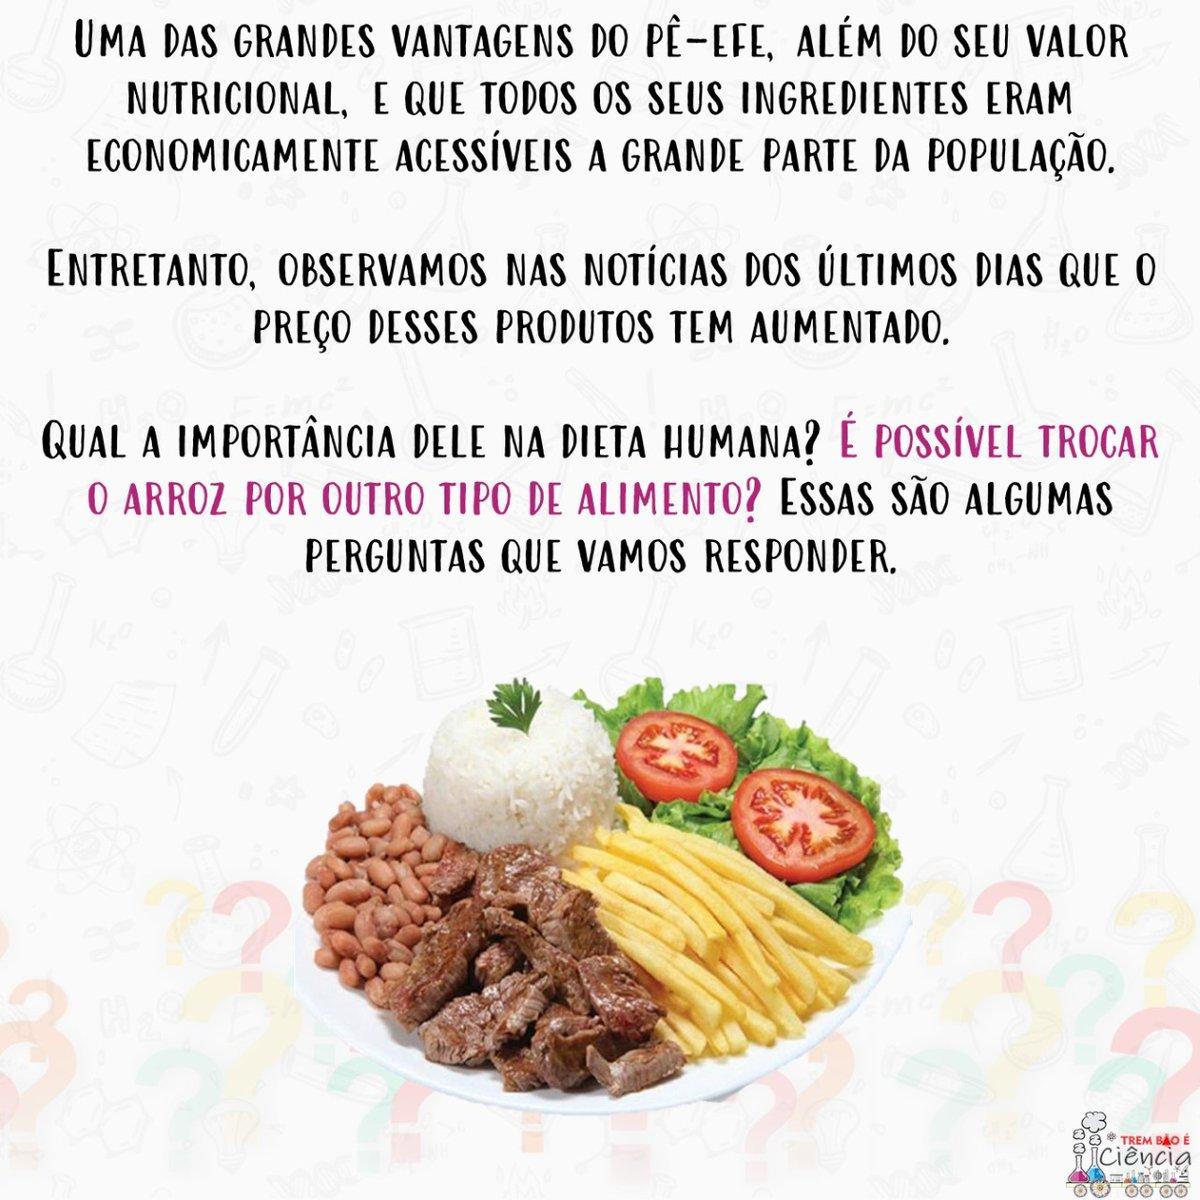 #defendaosus#saudepublica#ciencia#arroz #alimentação#dieta#saúde#saudável#nutrição #agropecuária#educação#trembaociencia #segueotrem🚂 https://t.co/0PyAvJTzo7